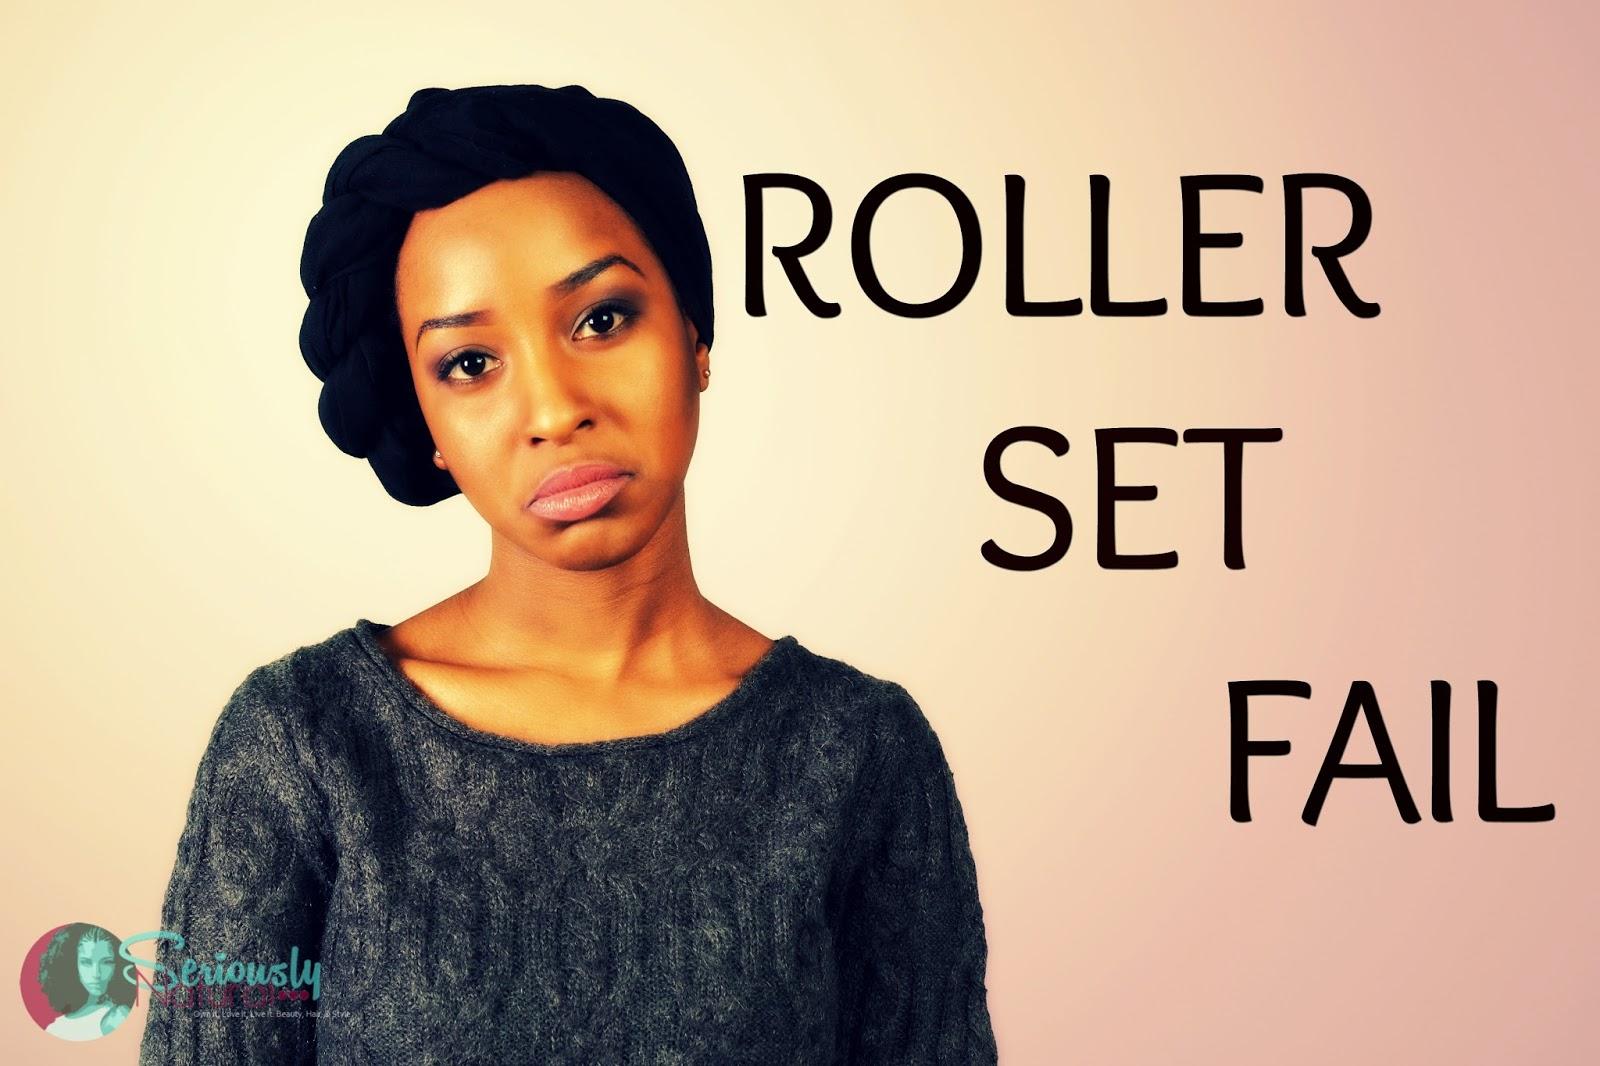 Roller Set Fail